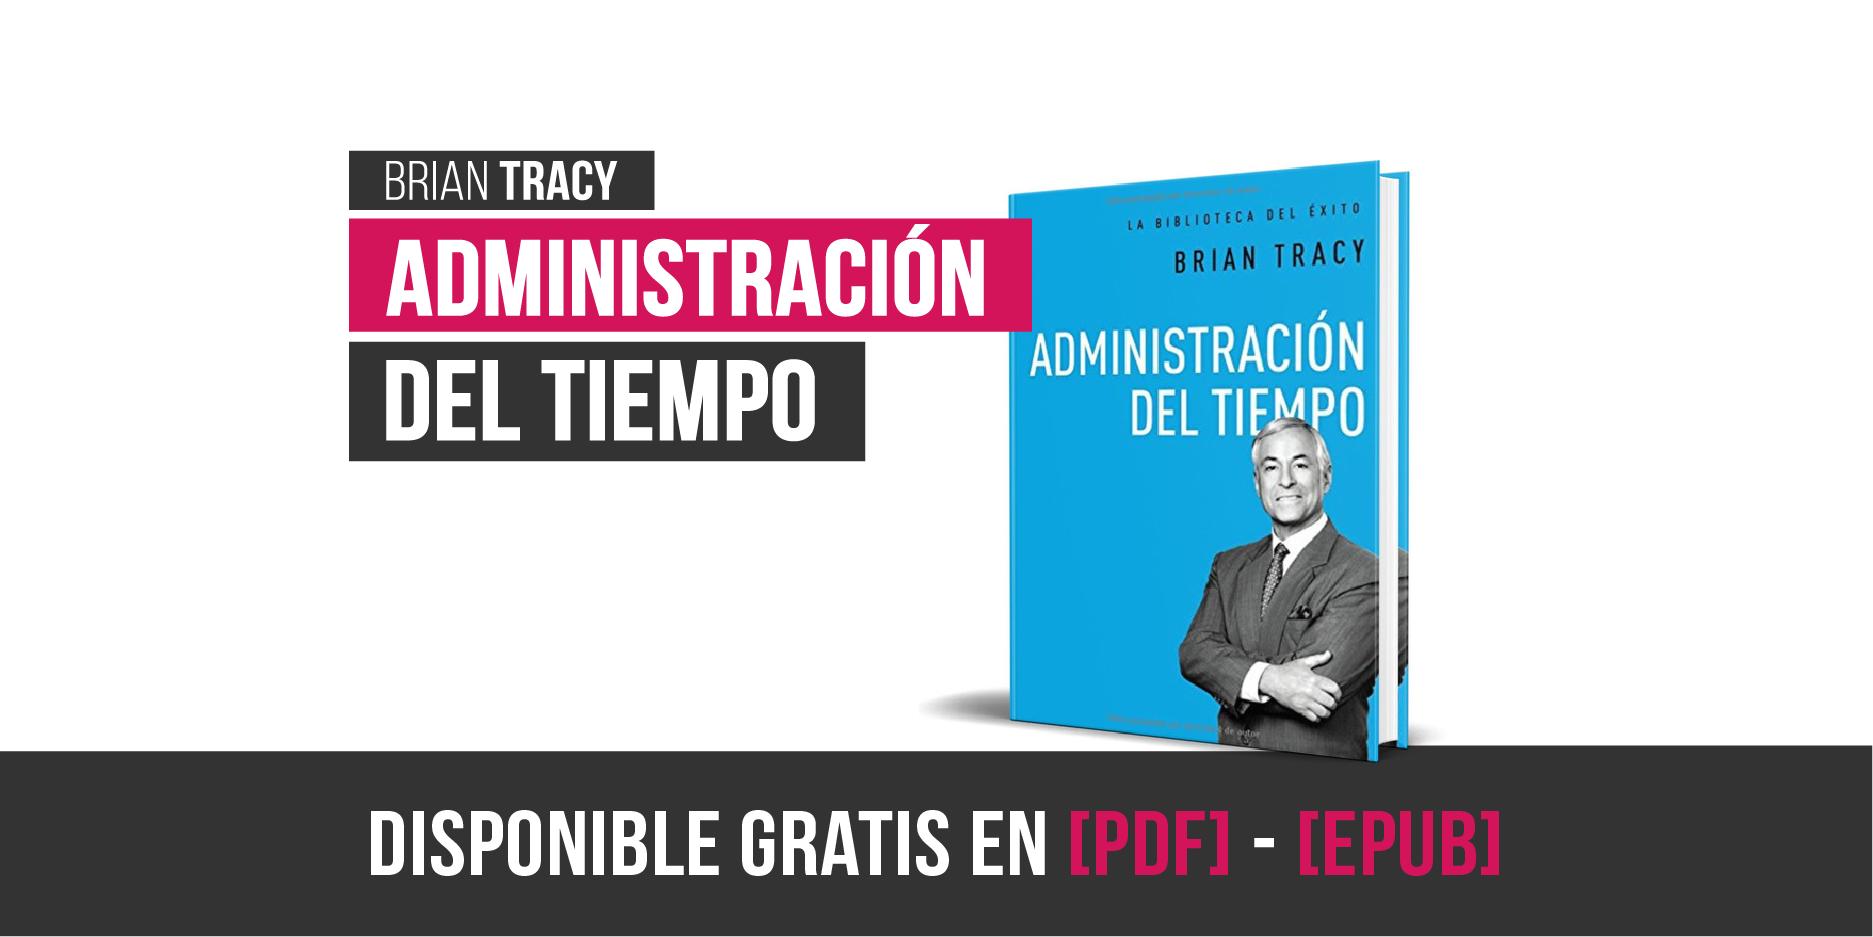 Descargar administracion del tiempo brian tracy libro - pdf - epub - gratis